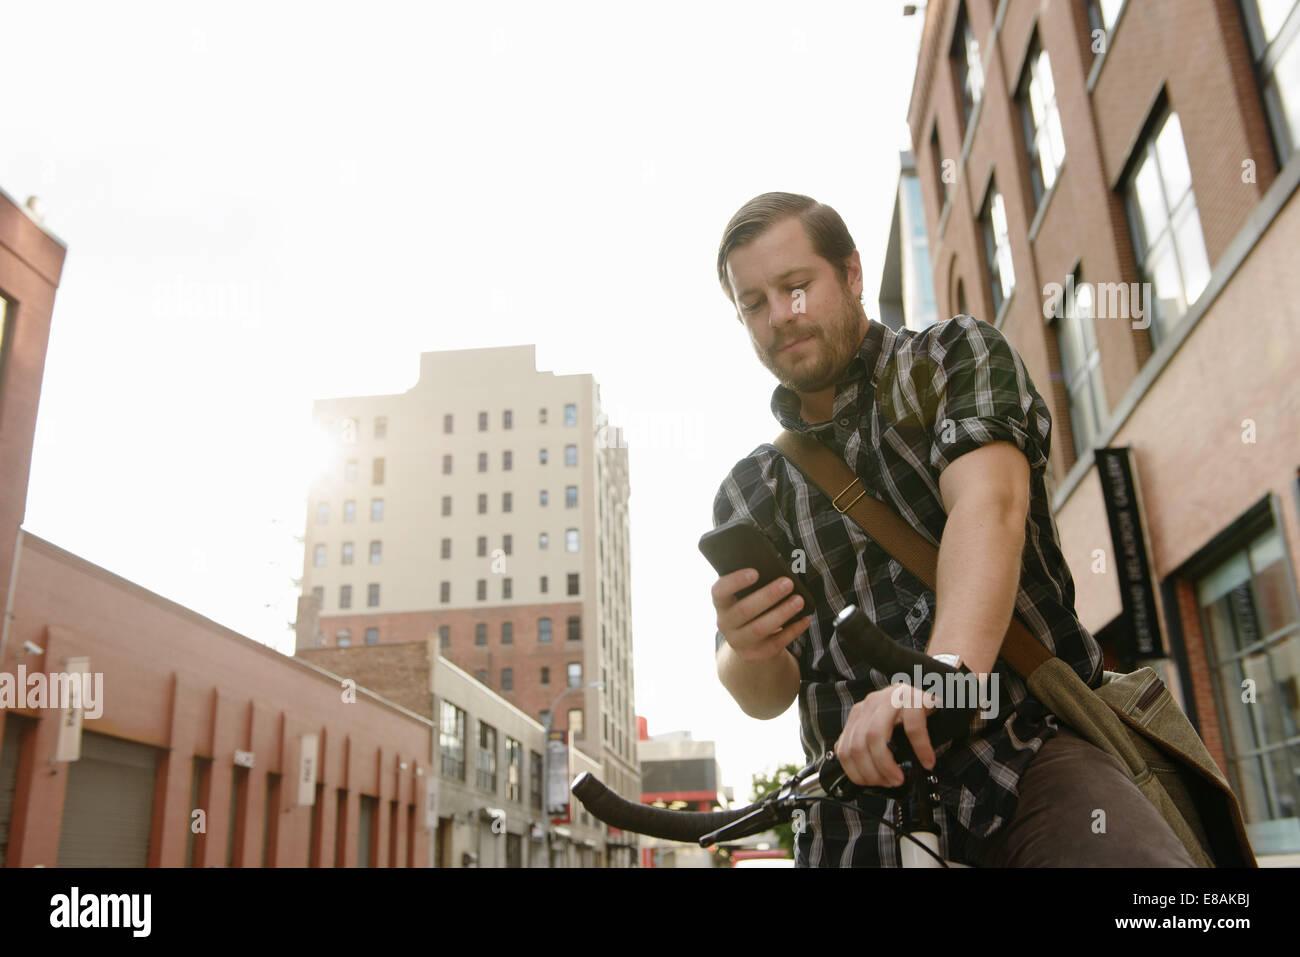 Männlichen Zyklus Messenger Überprüfung Richtungen auf smartphone Stockbild